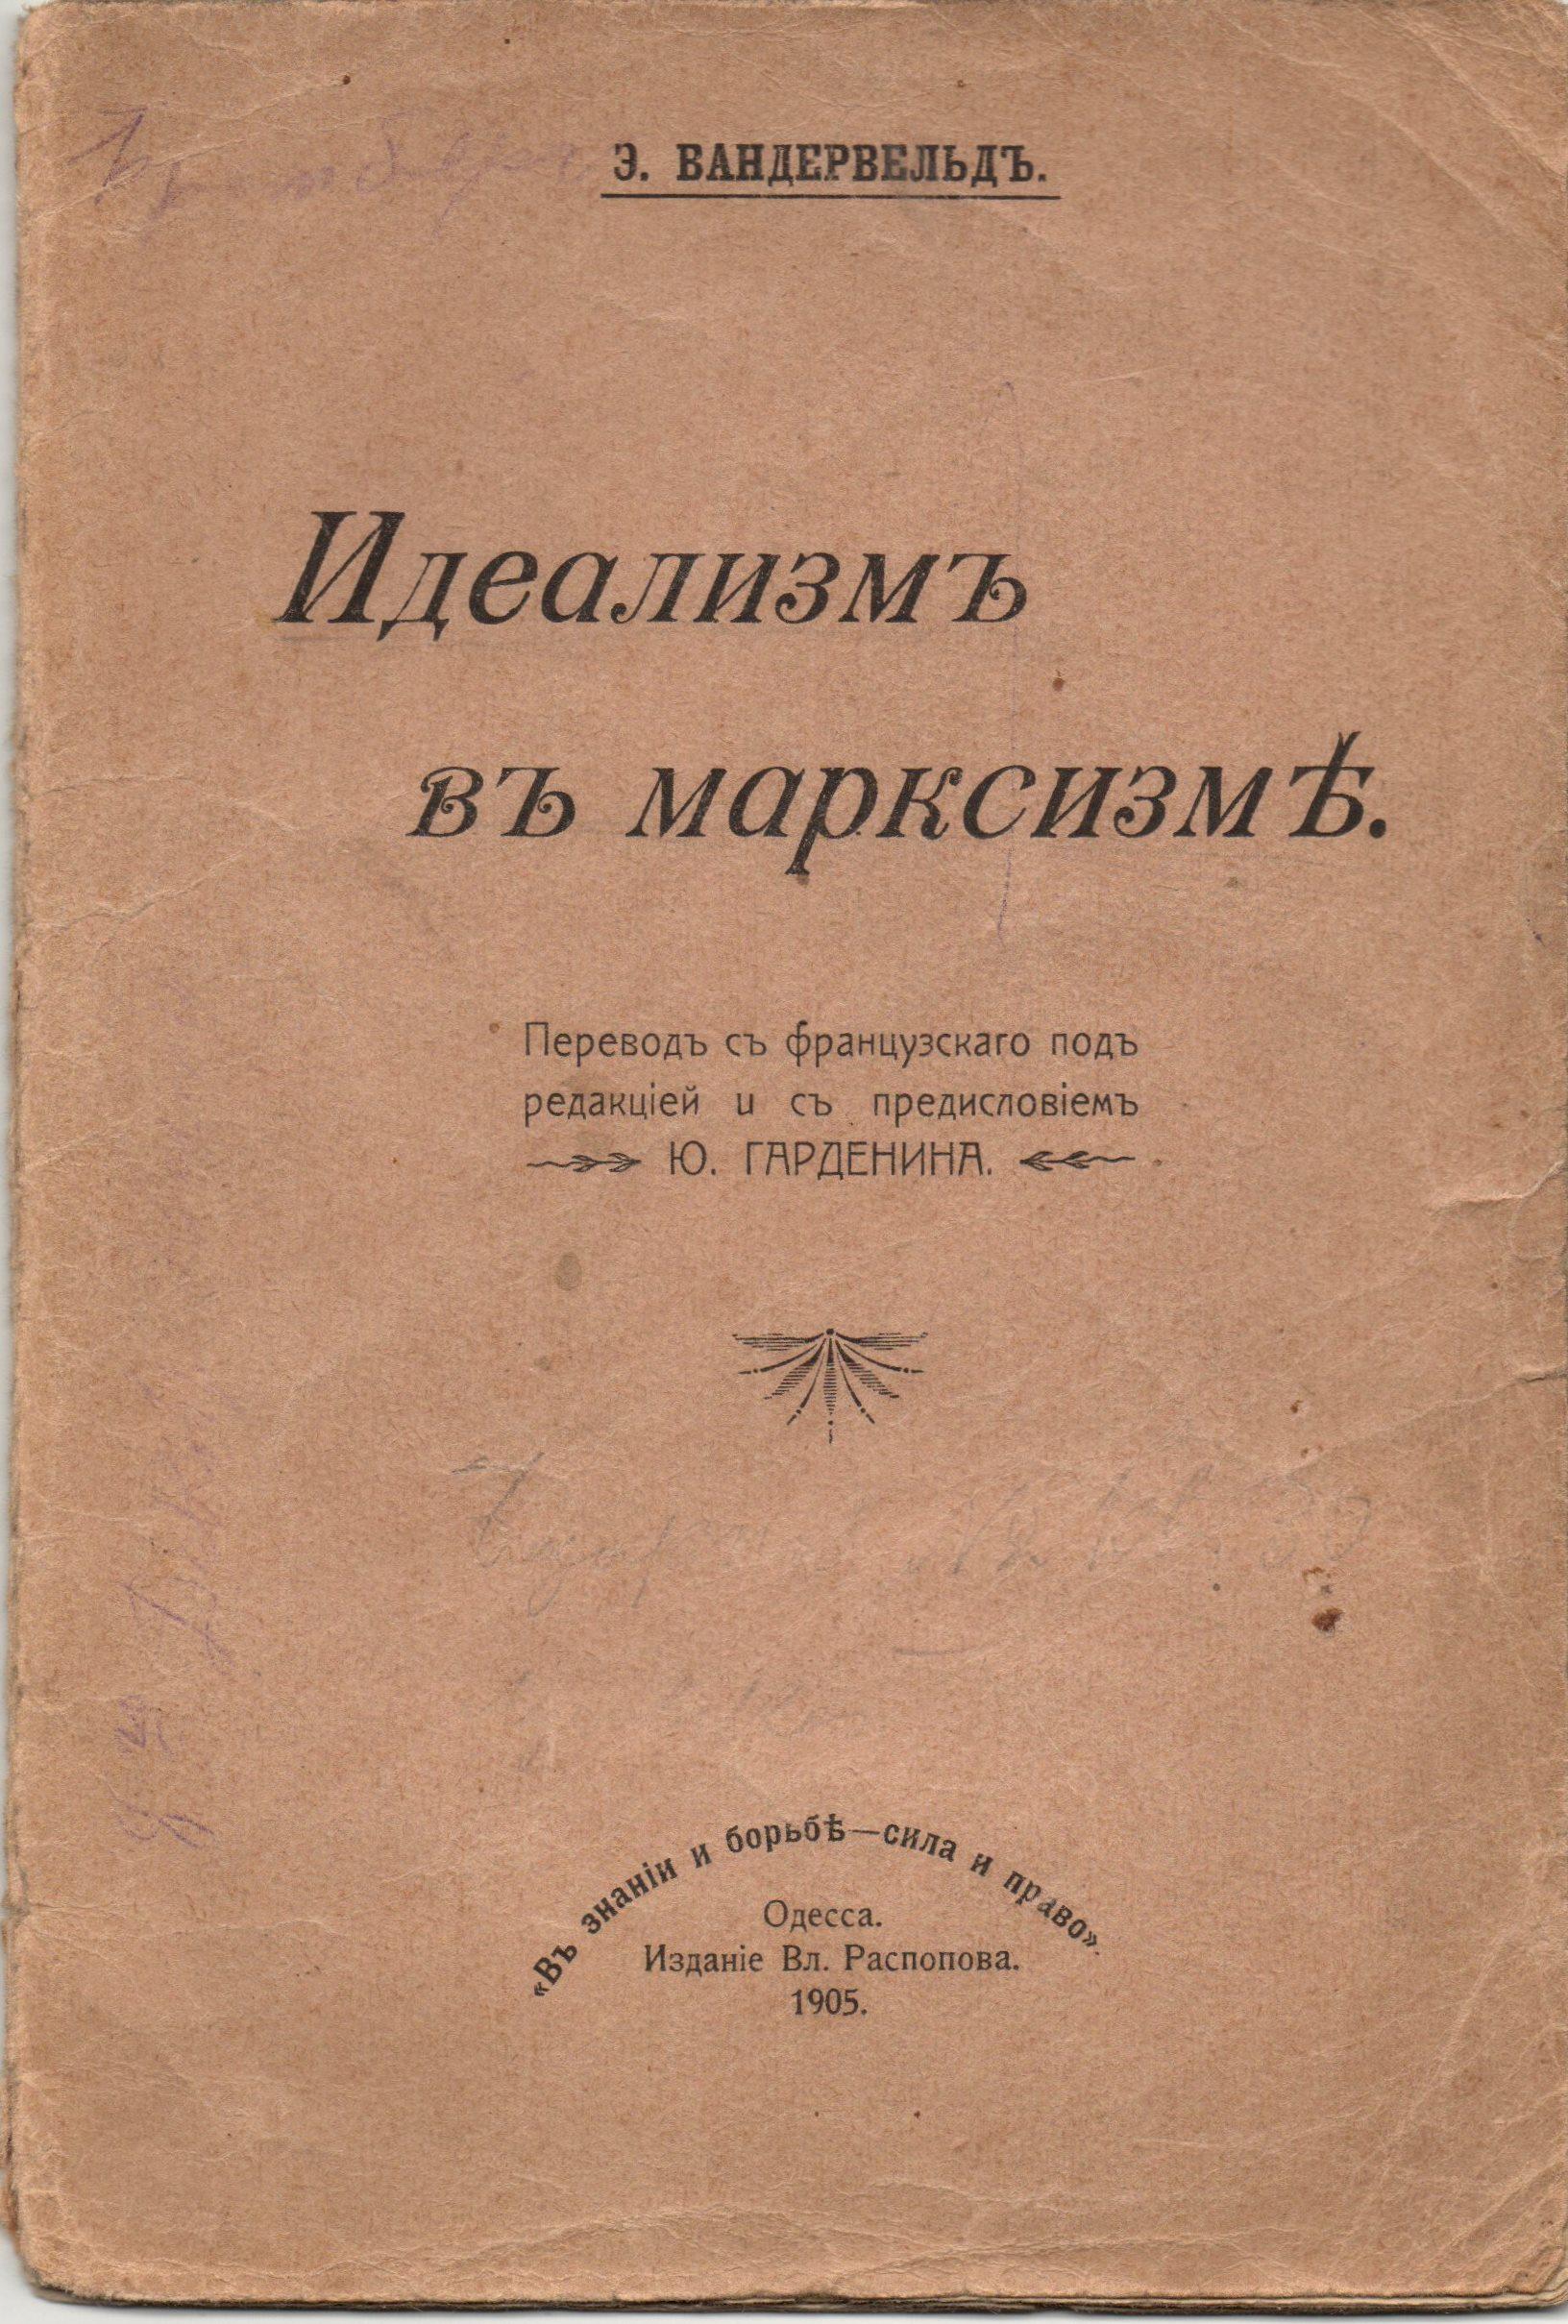 """Книга """"Вандервельдъ Э. """"Идеализмъ въ марксизмѢ"""""""